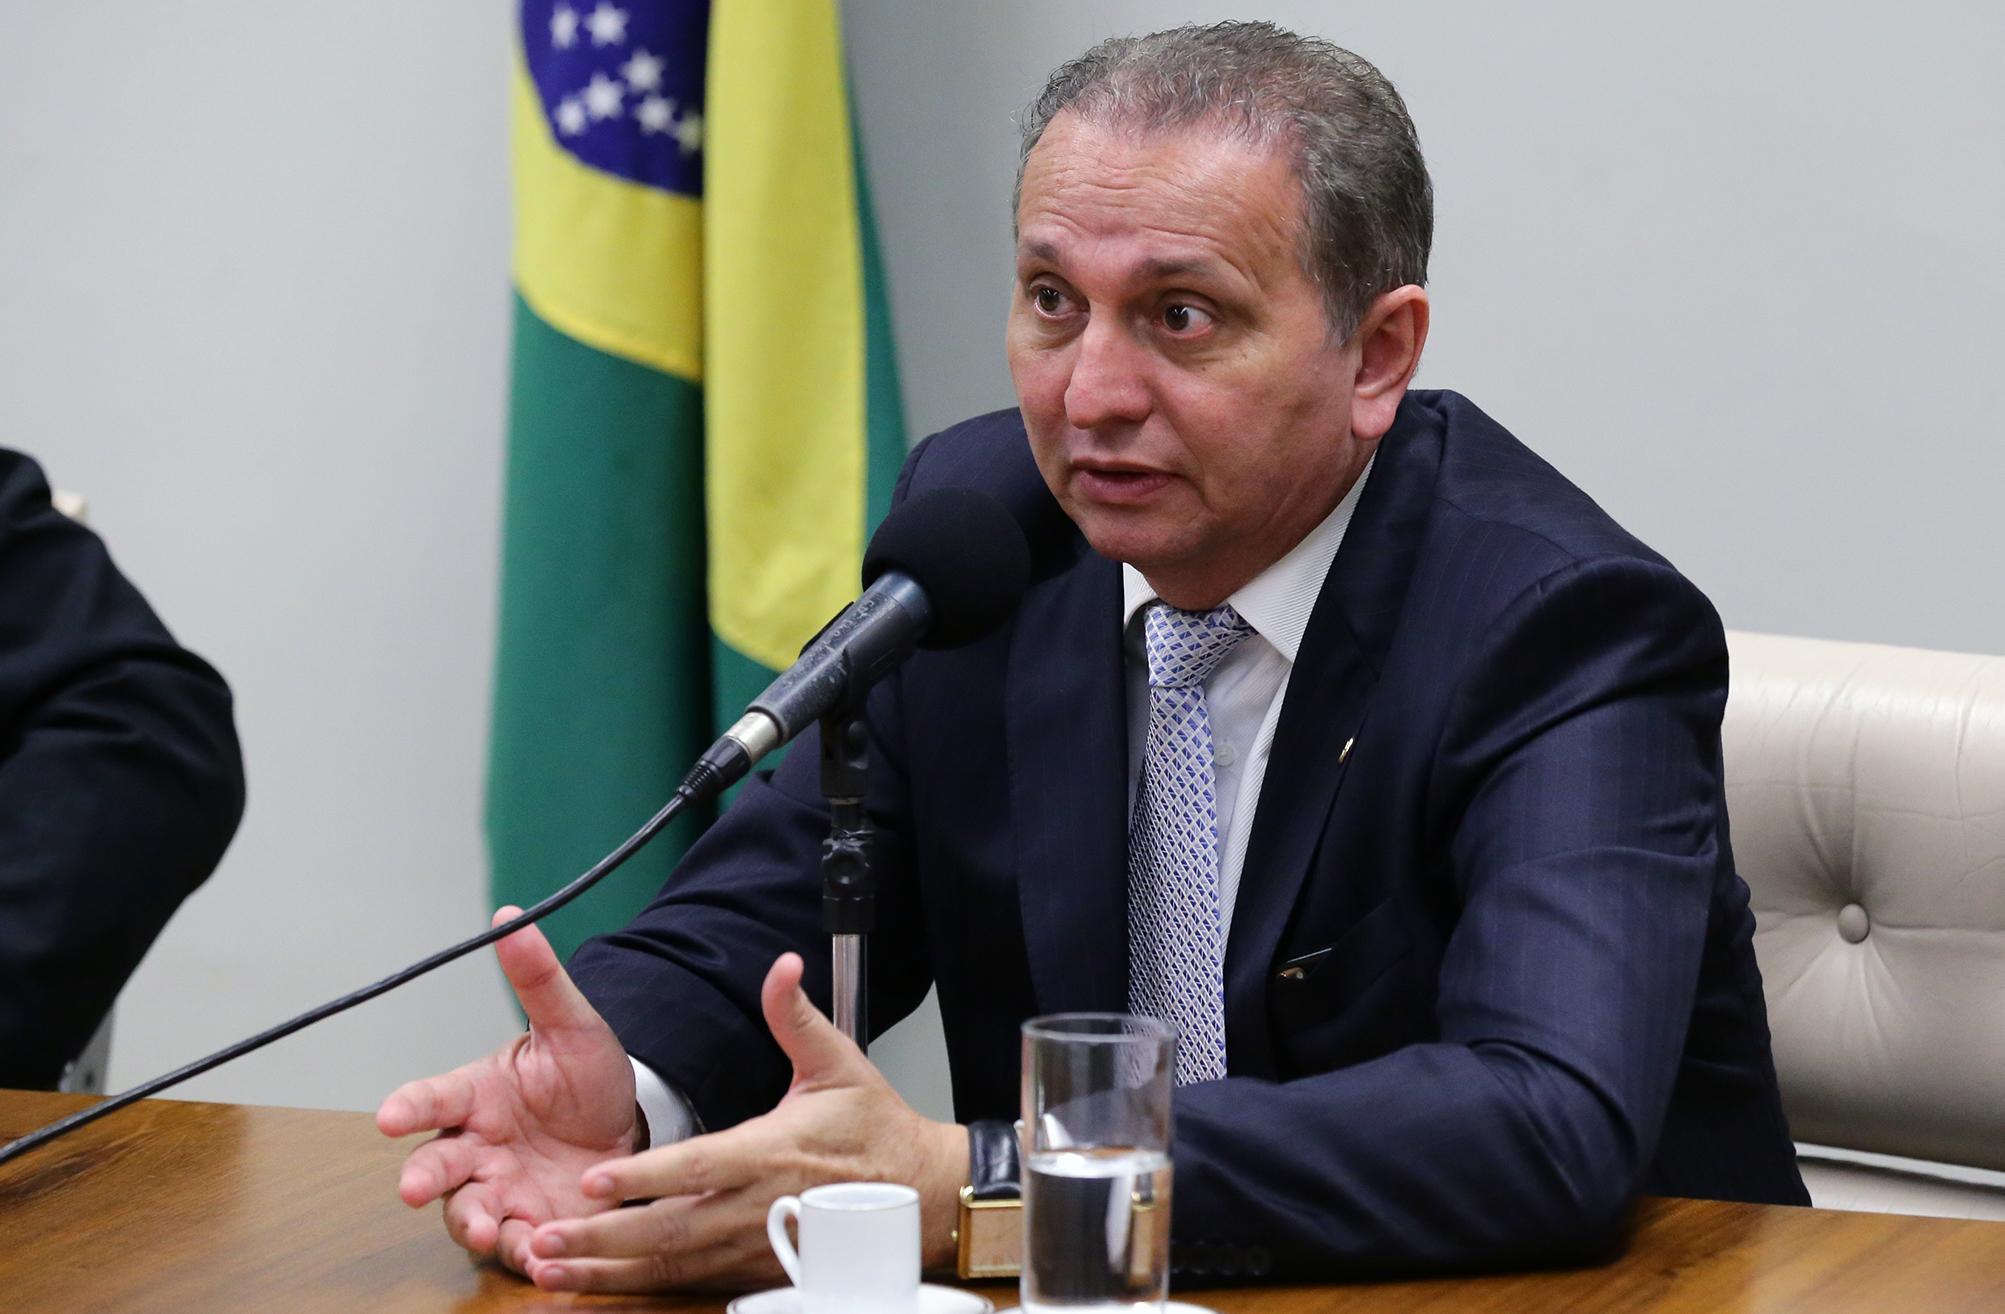 Associação Maria Vitoria de Doenças Raras e Crônicas (AMAVI). Dep. Antônio Jácome (PODE - RN)